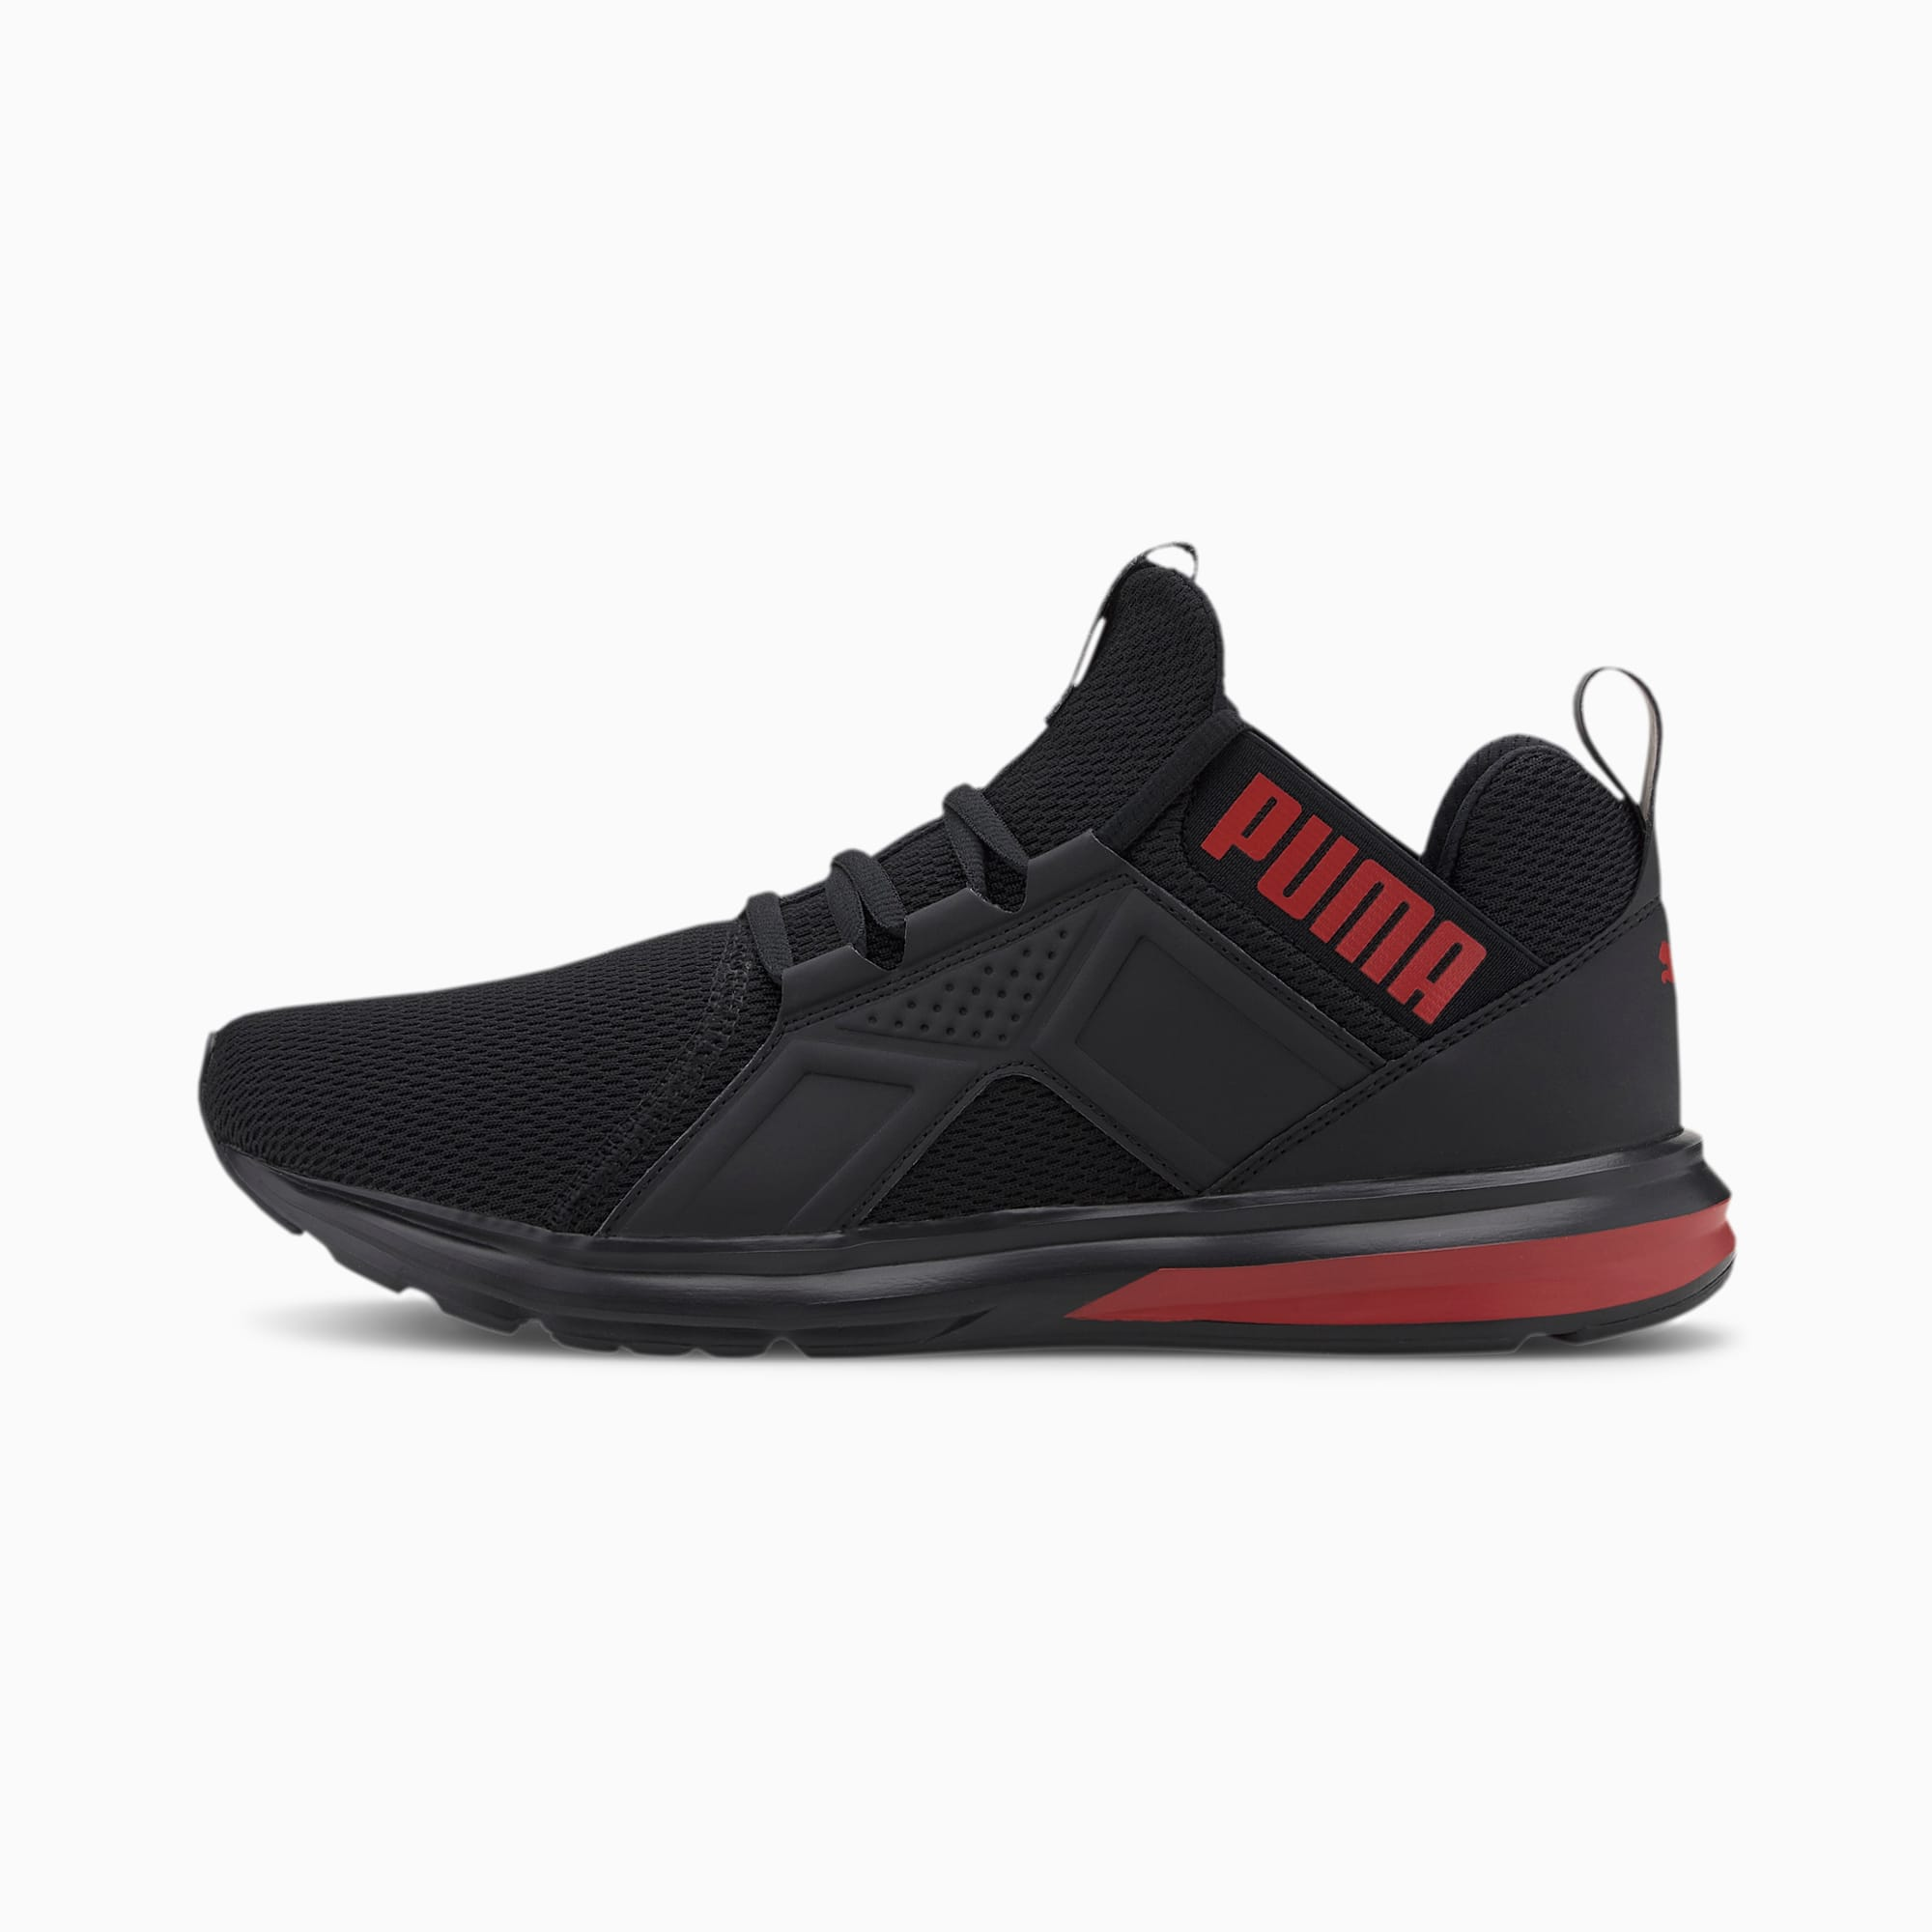 Enzo Sport Herren Sneaker | Puma Black High Risk Red | PUMA